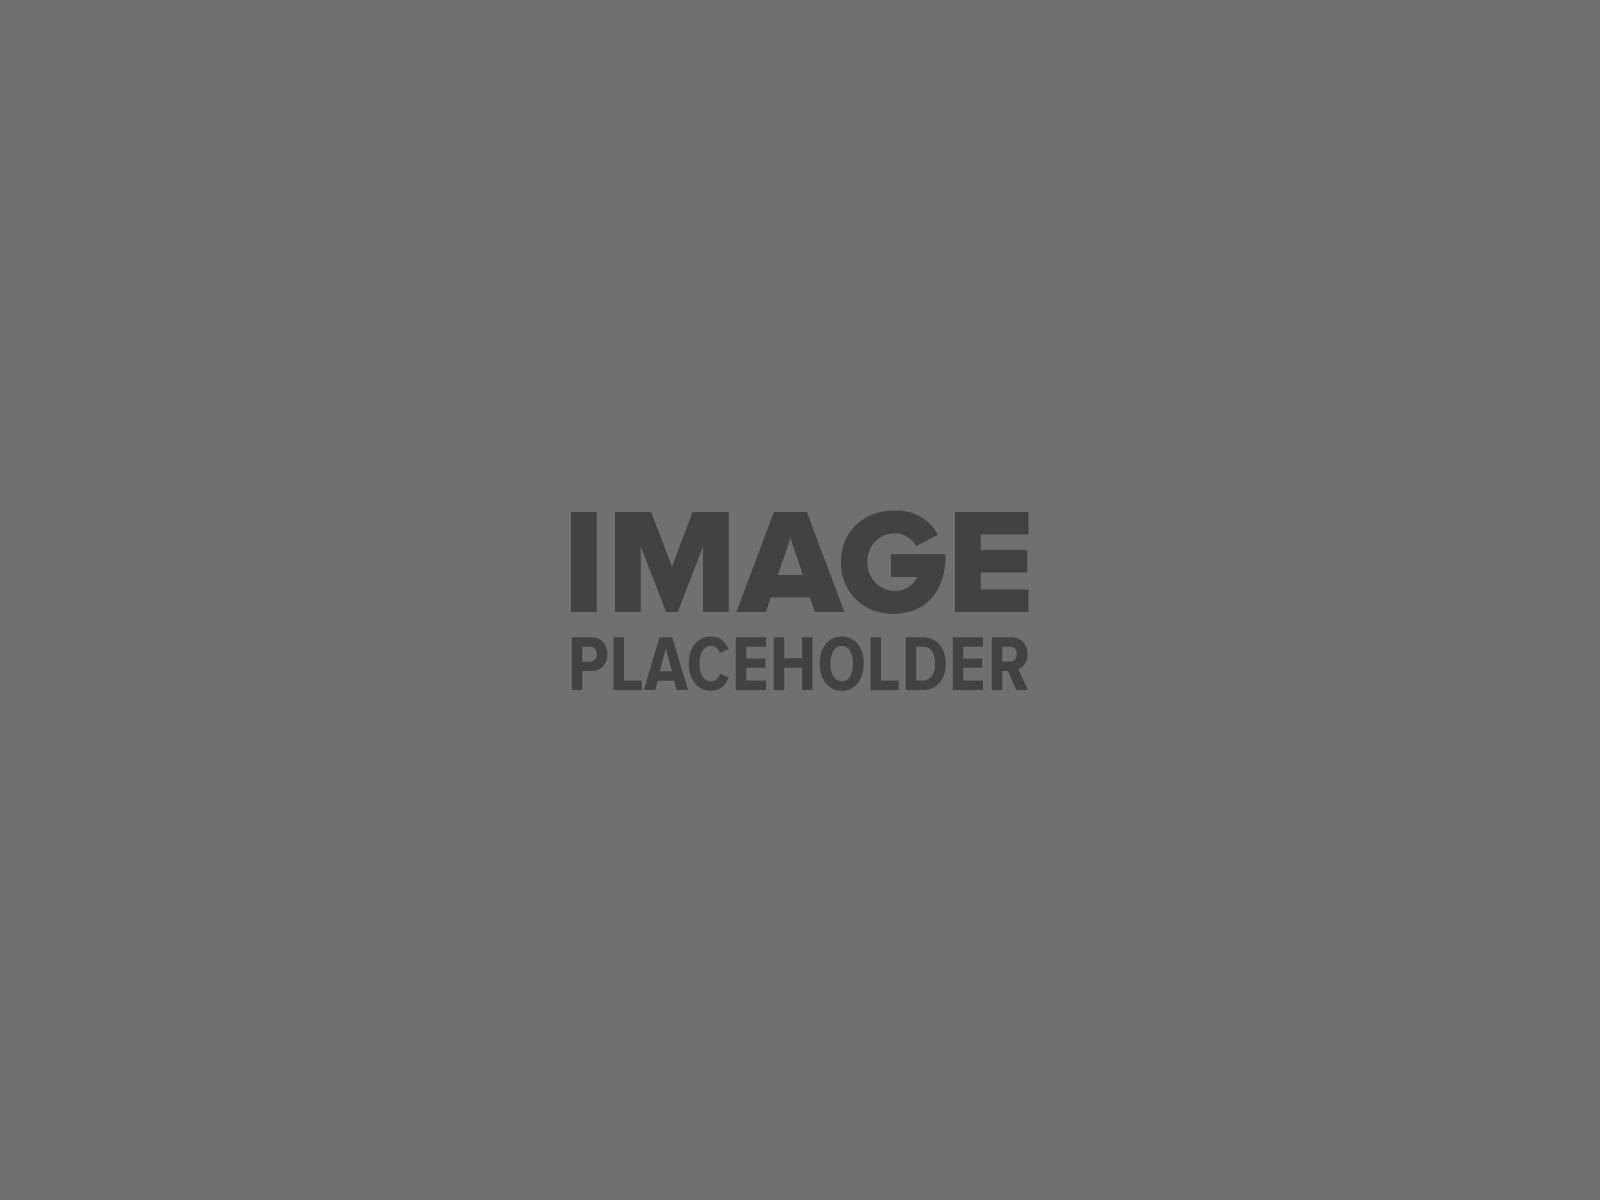 pojo placeholder 2 - Food